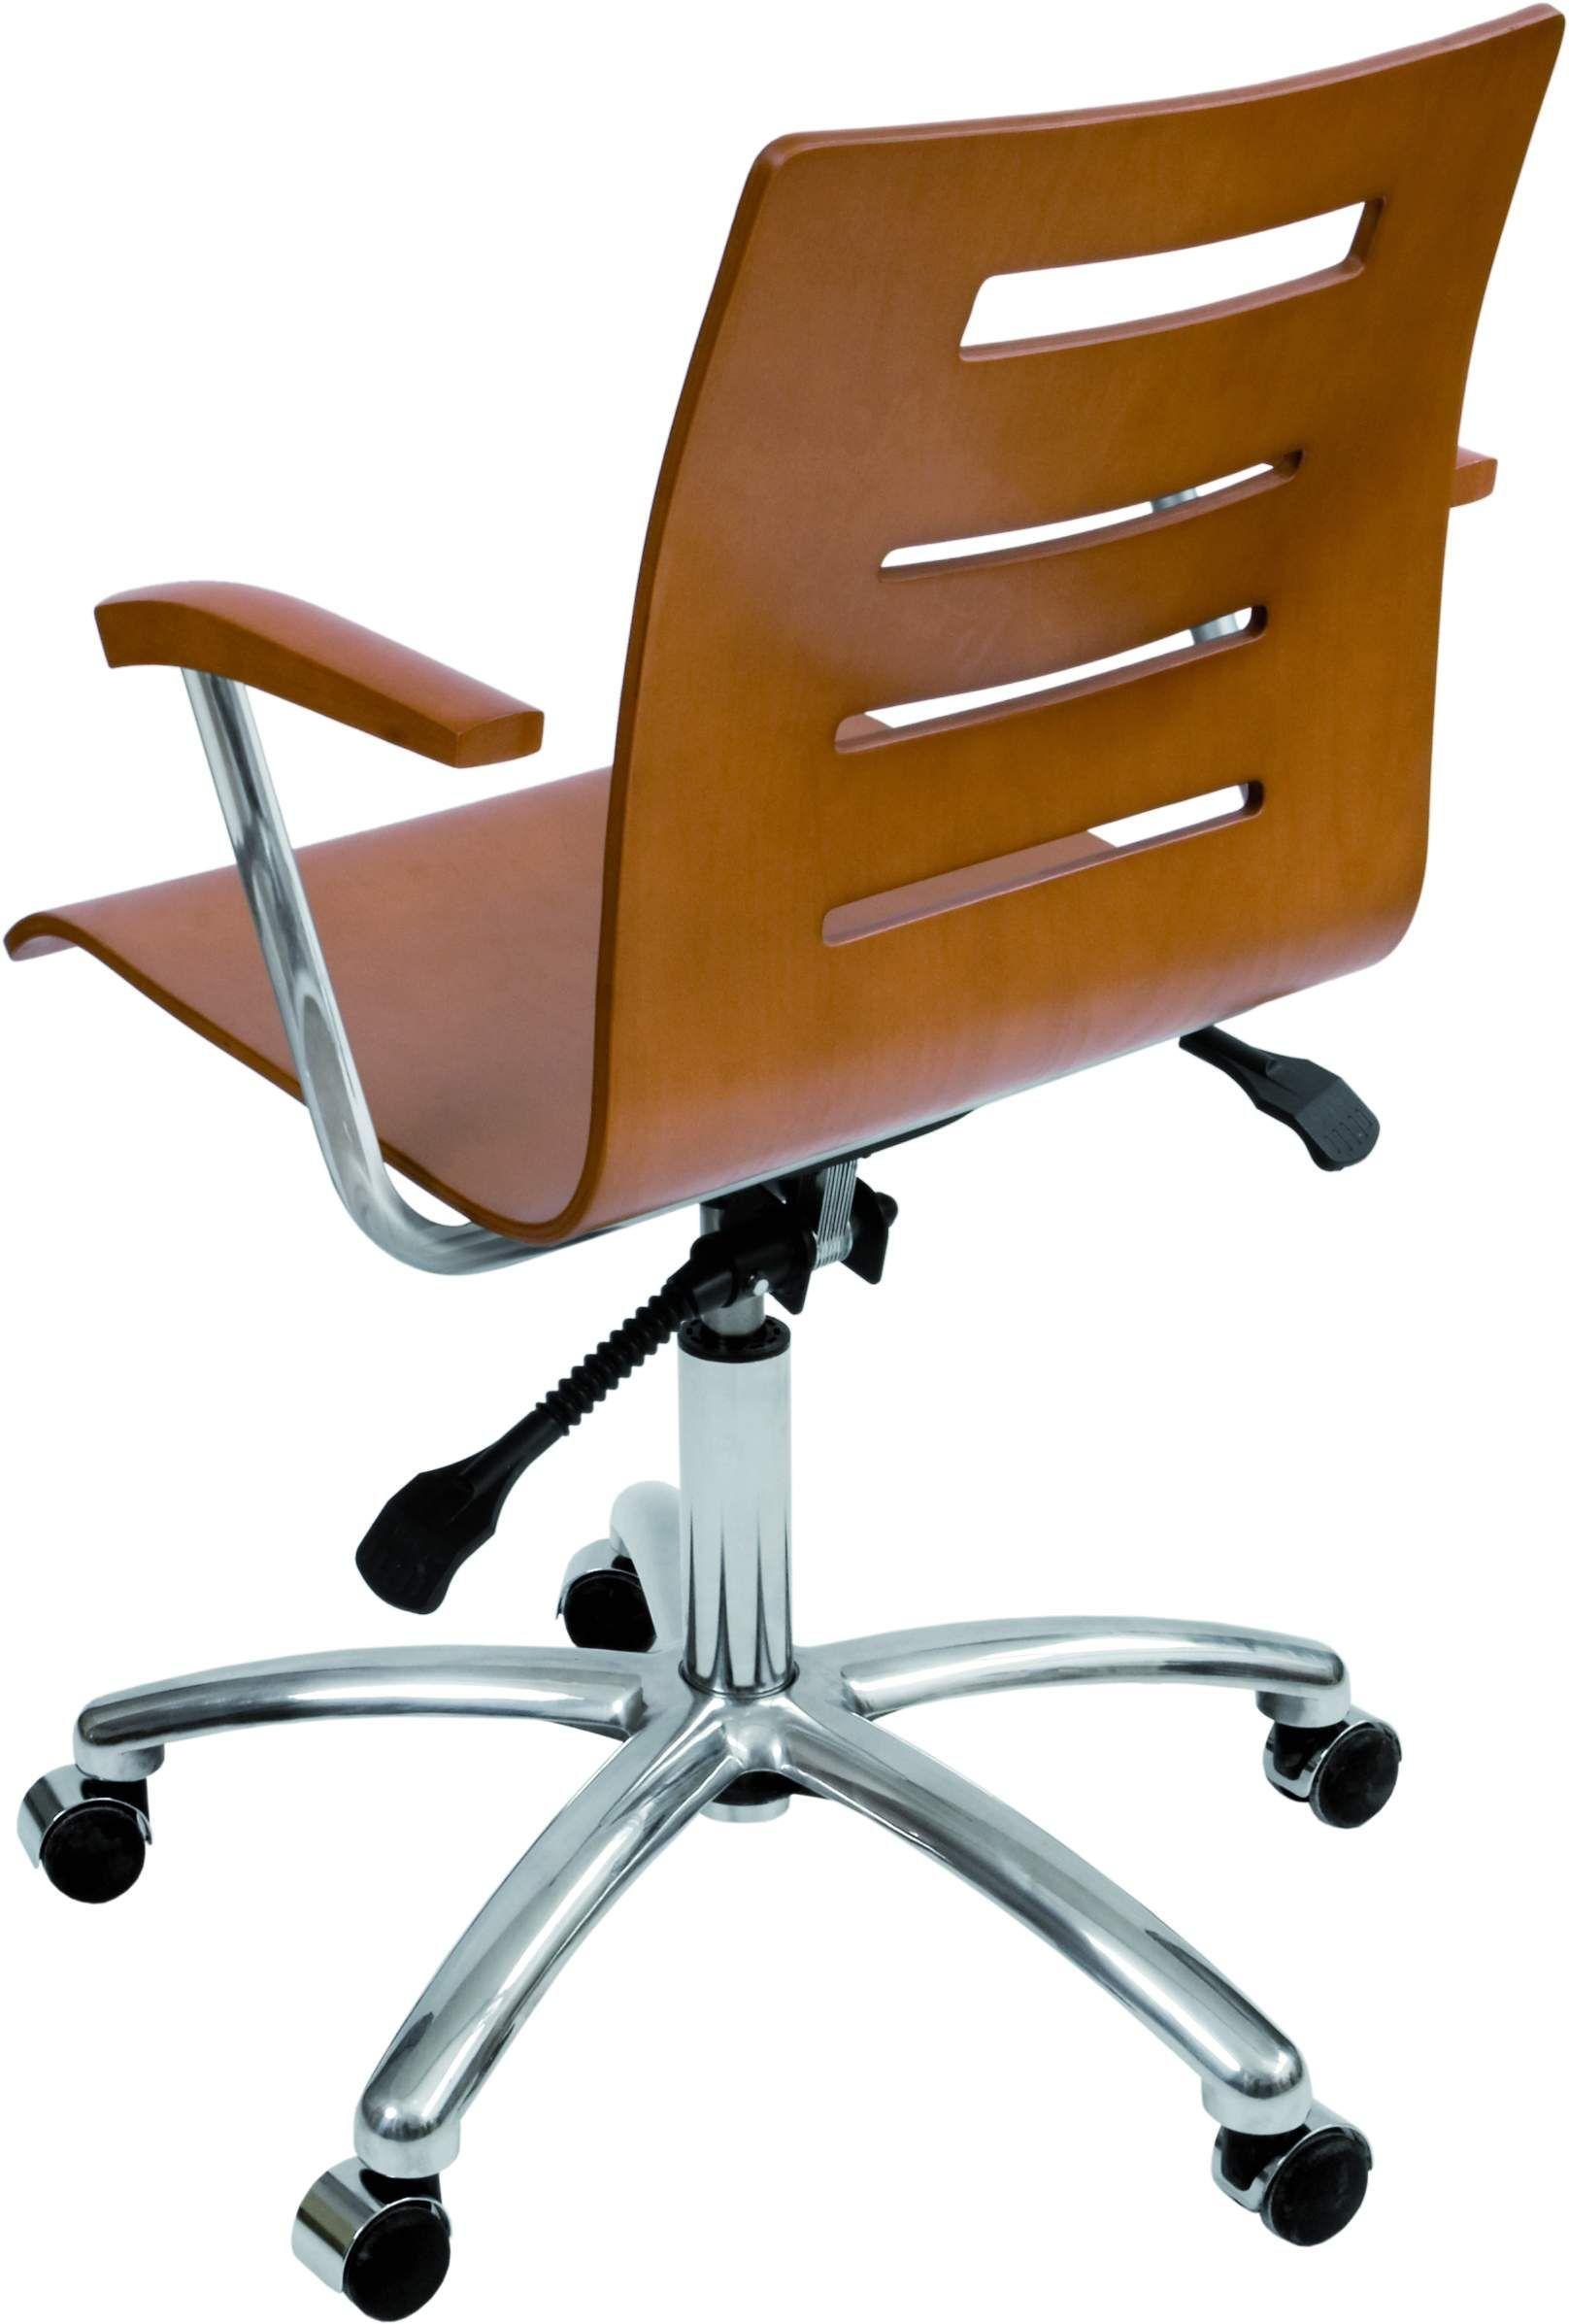 Krzesło konferencyjne Irys Obrotowy B Wood Lux